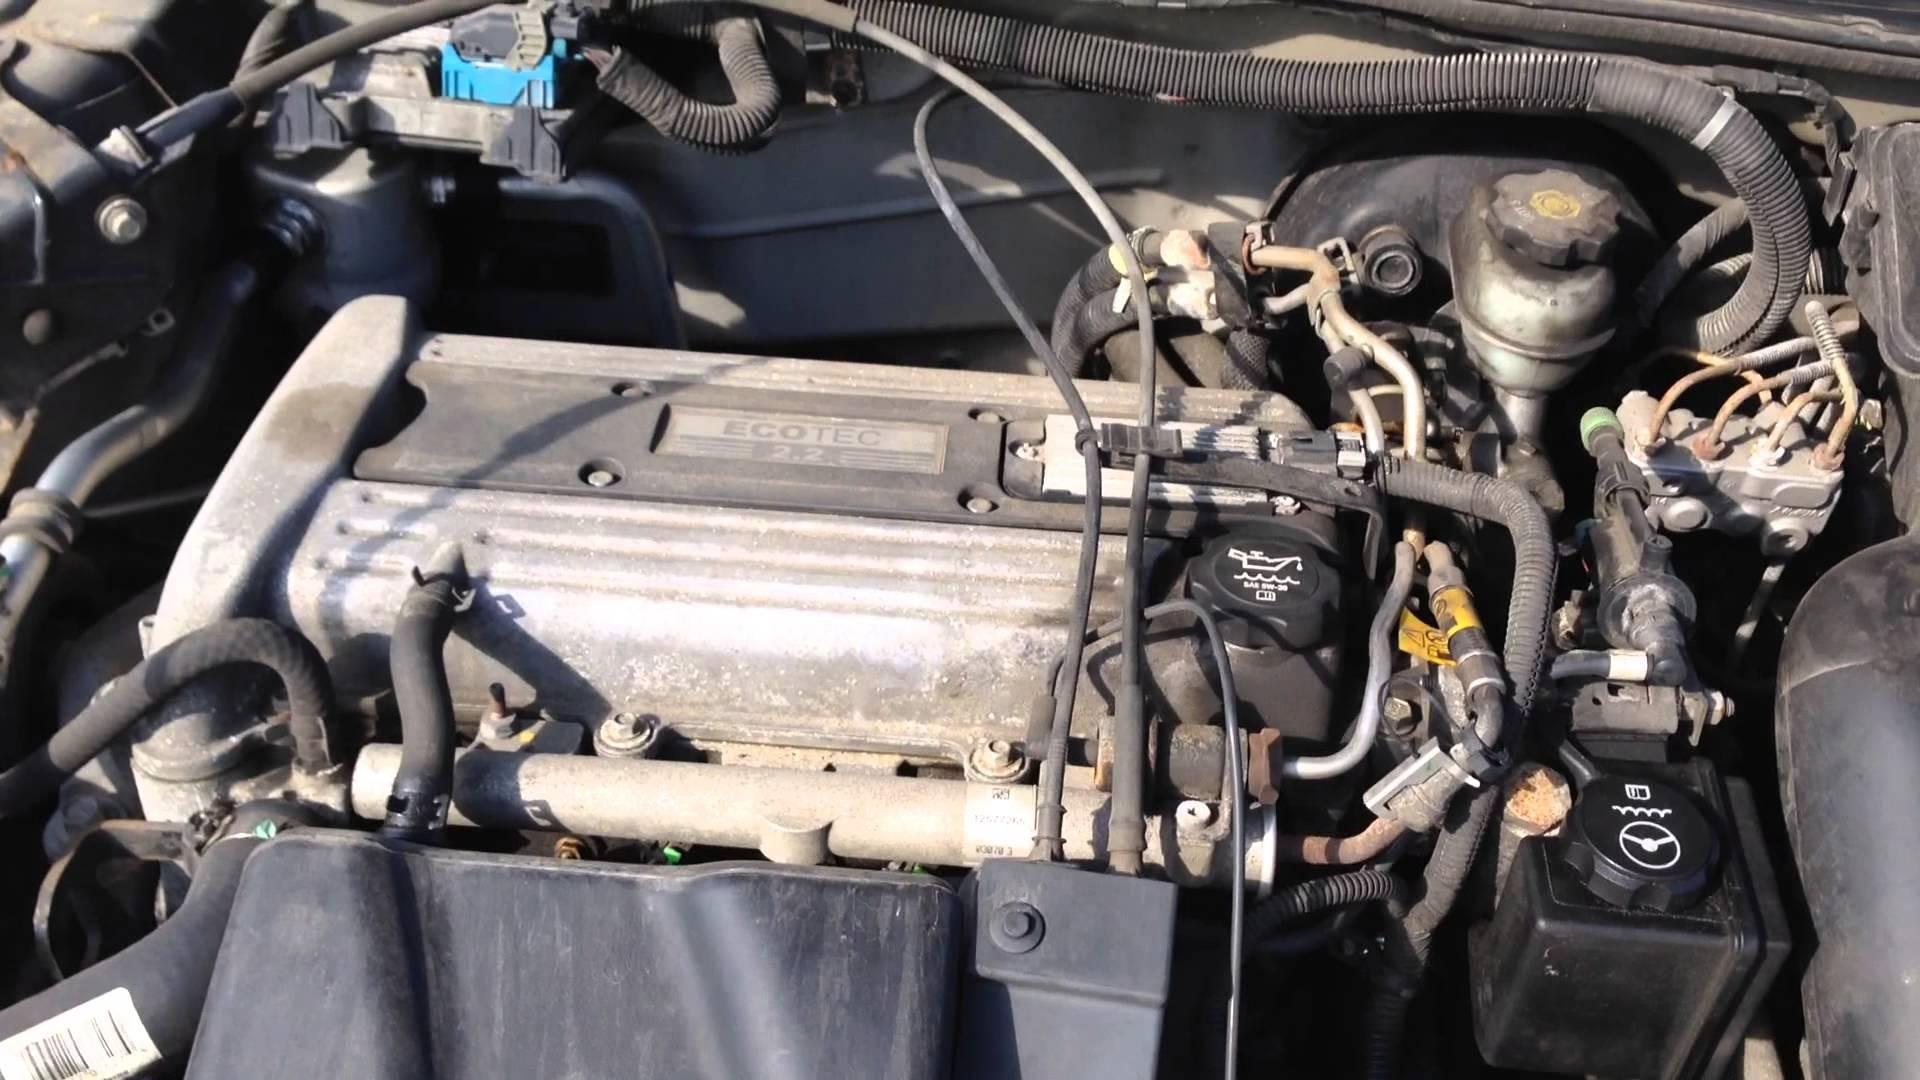 2 2 ecotec engine diagram 2 e3ce229 2003 chevrolet cavalier 2 2 ecotec engine test of 2 2 ecotec engine diagram 2 cavalier 2 4 engine diagram wiring library